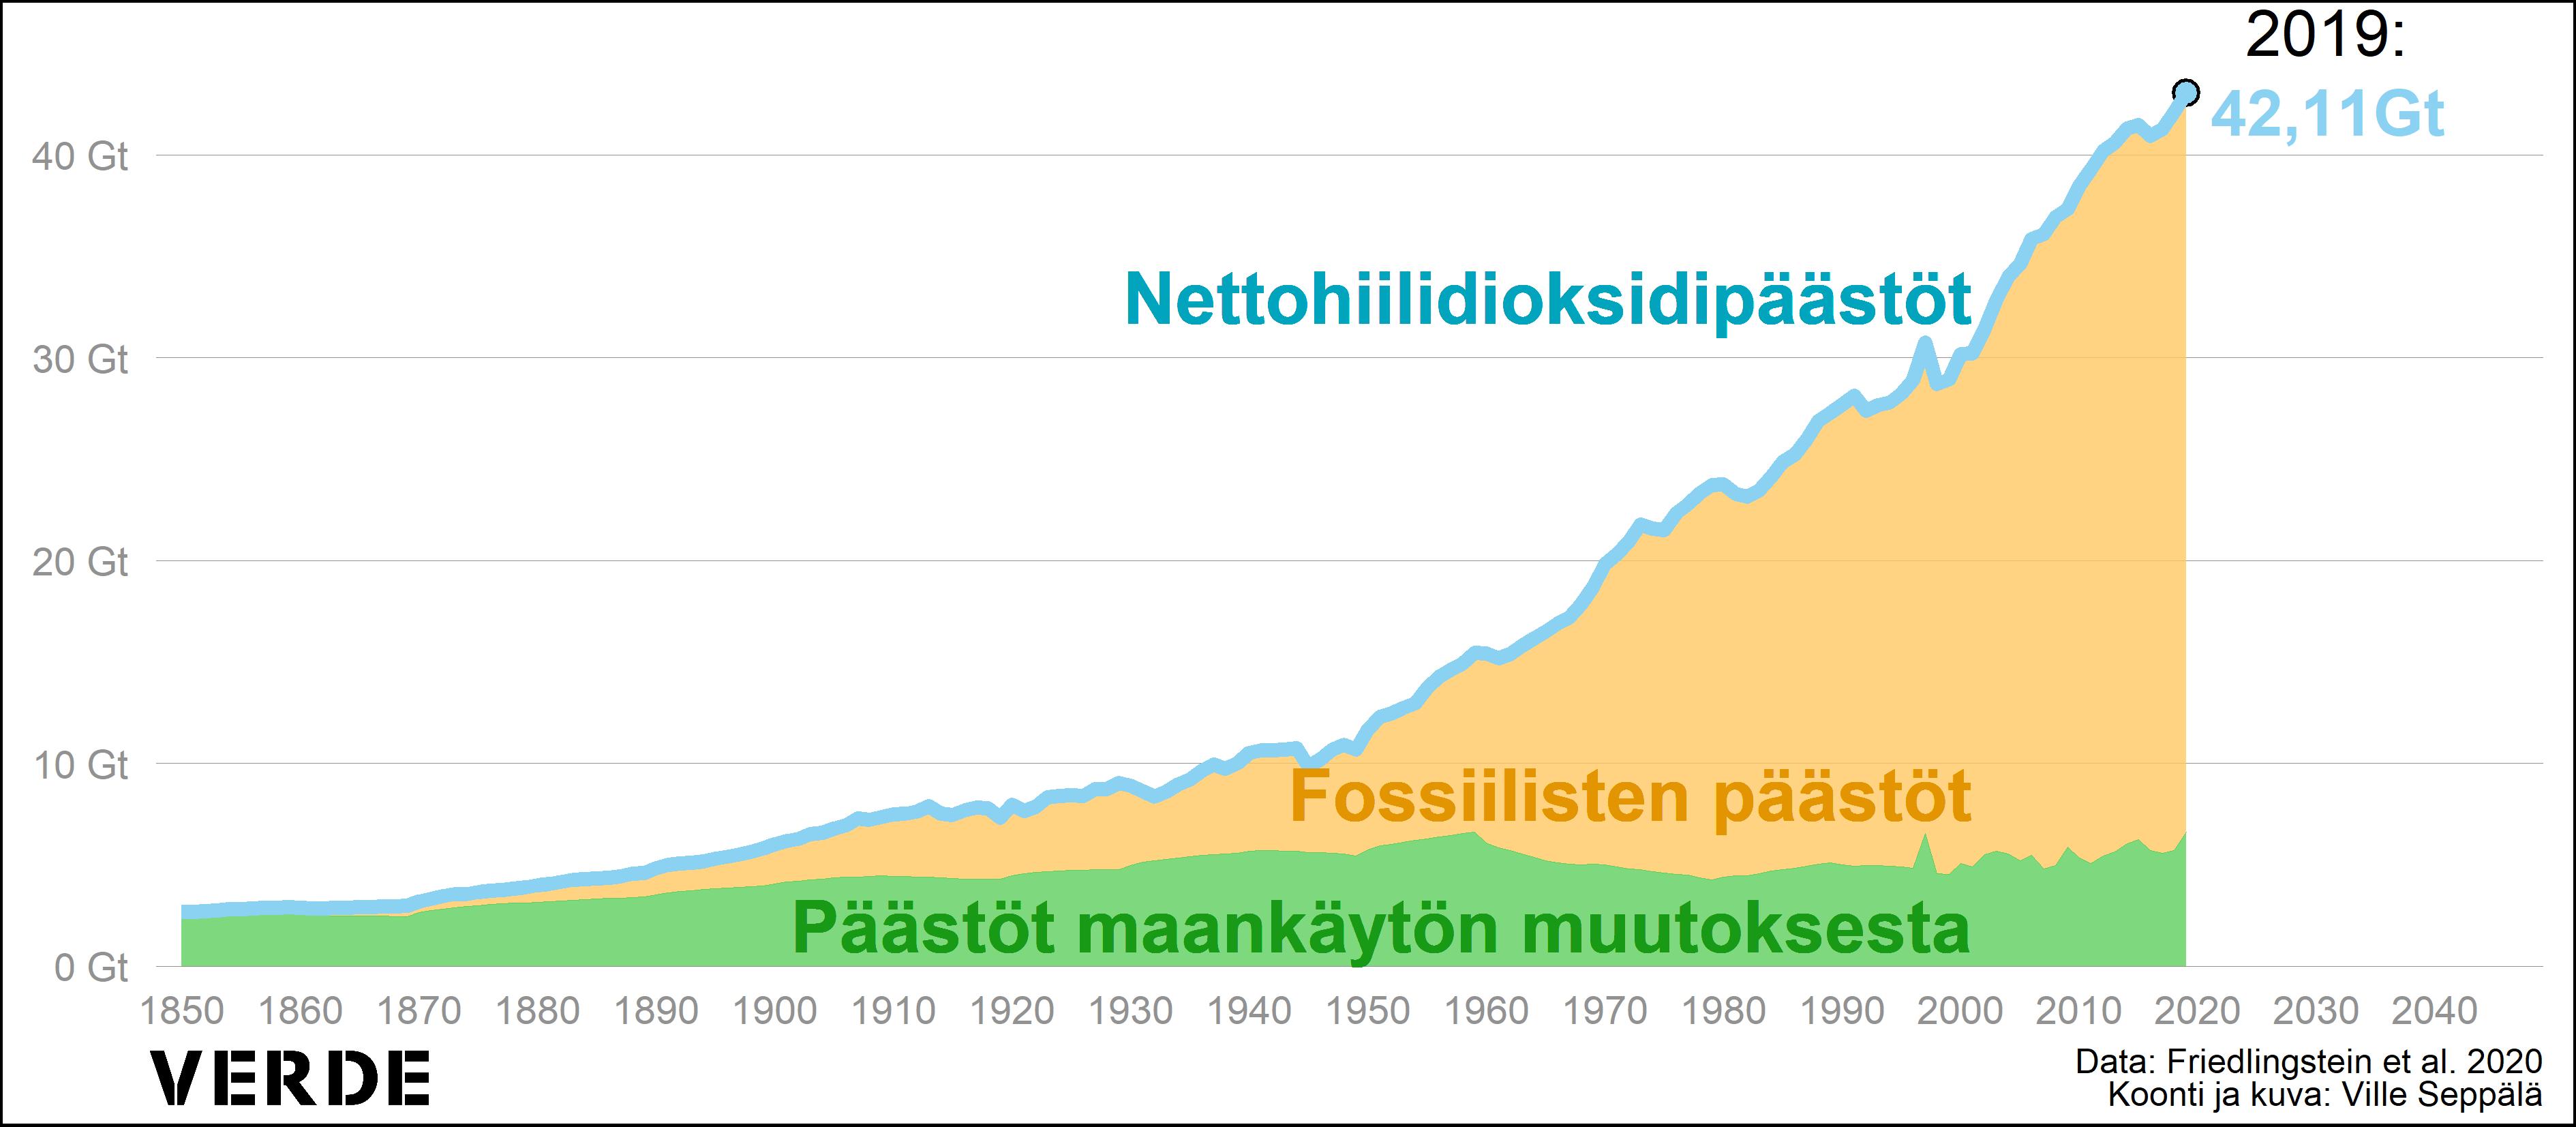 Globaalien hiilidioksipäätöstöjen kehitystä kuvaava graafinen esitys.